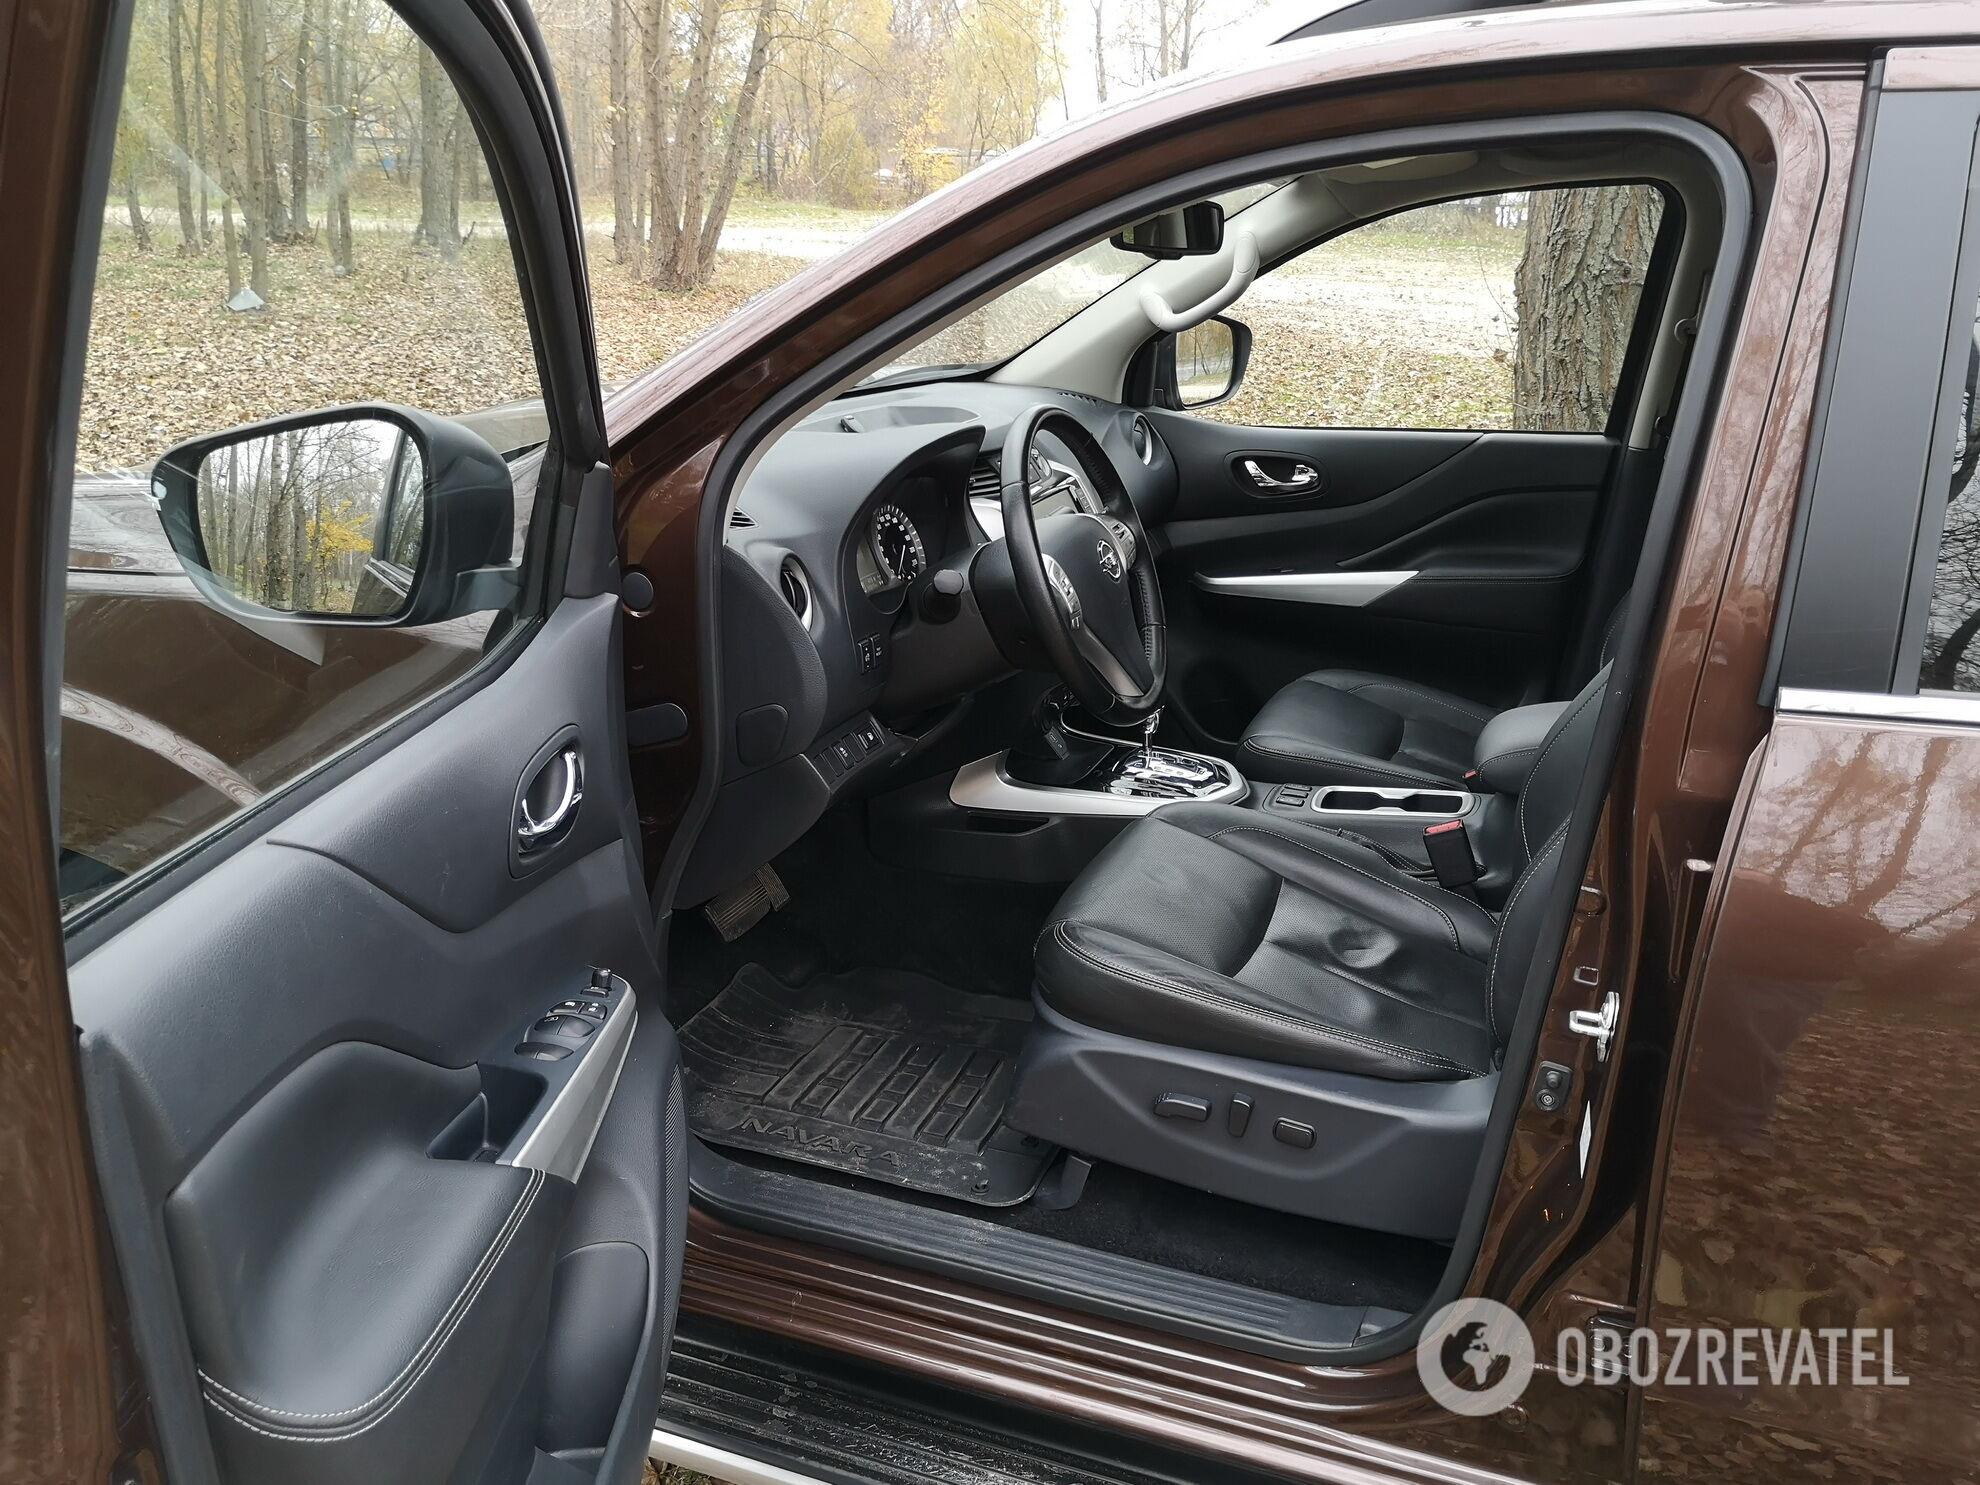 Сиденье водителя снабжено электроприводами и подогревом